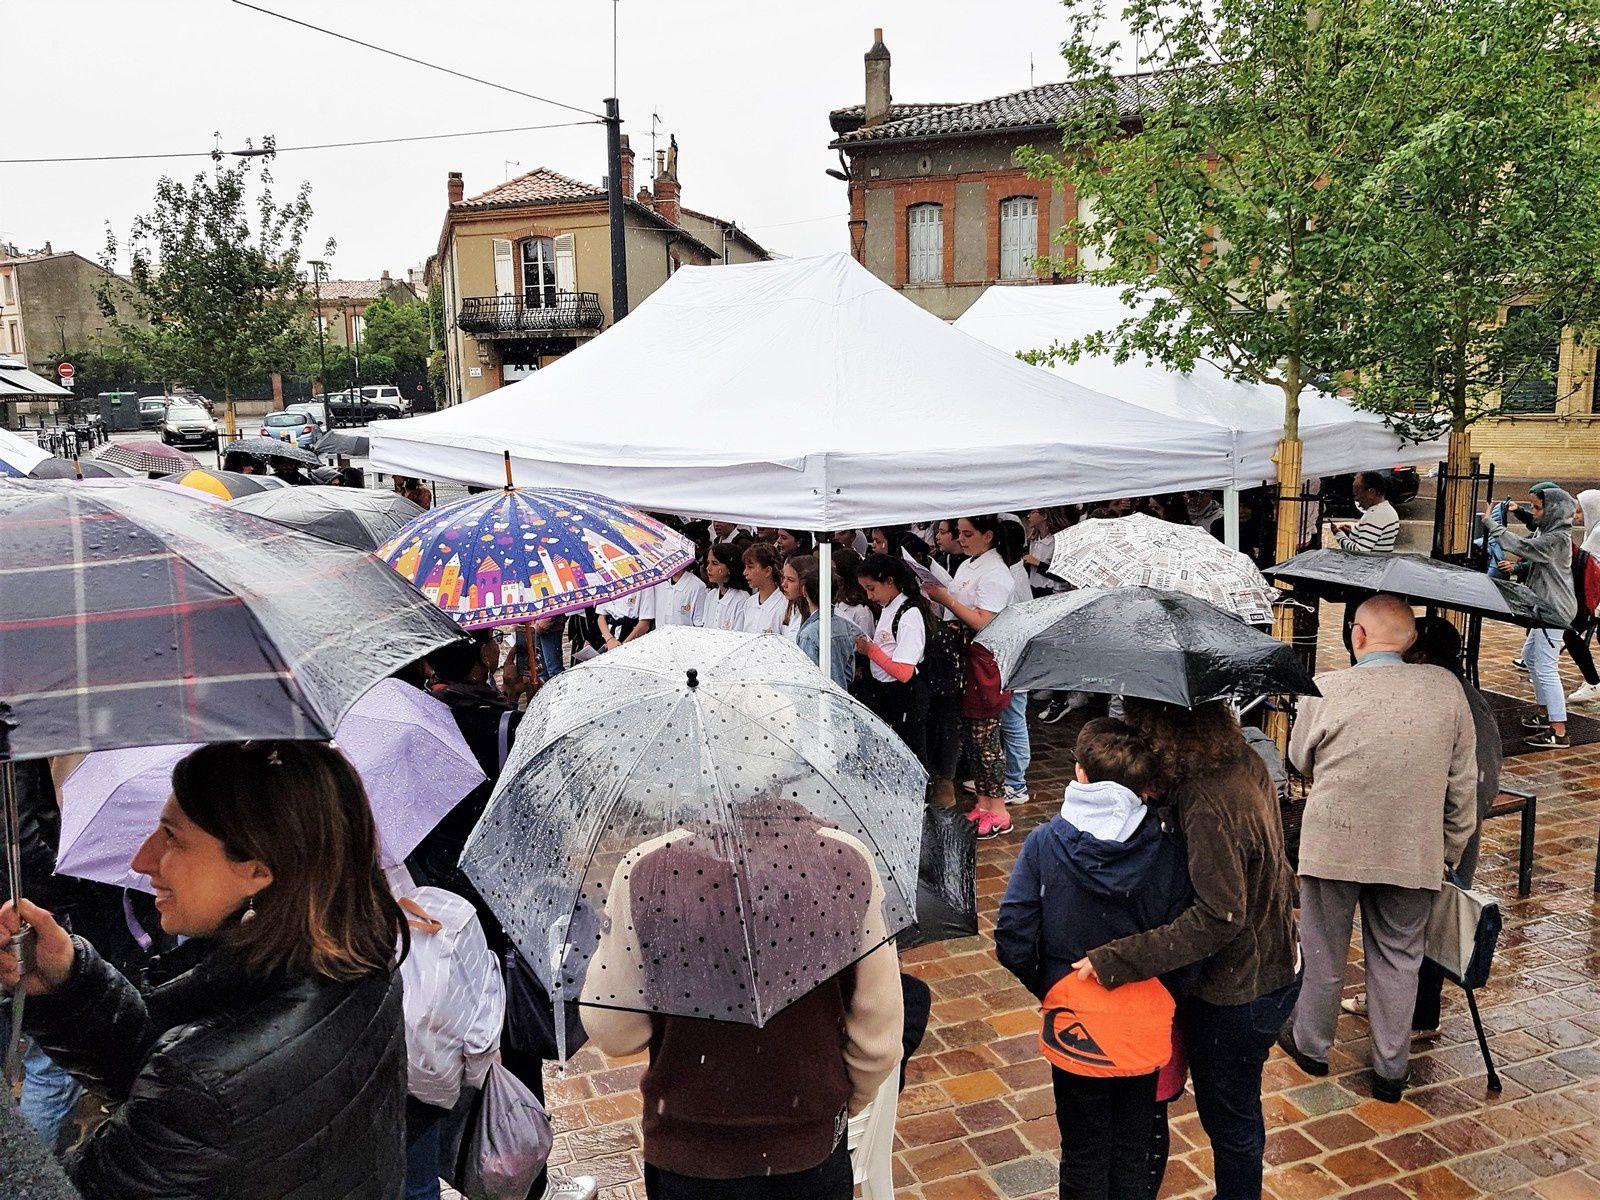 Beau succès pour la fête de la place du Busca les 14 et 15 juin